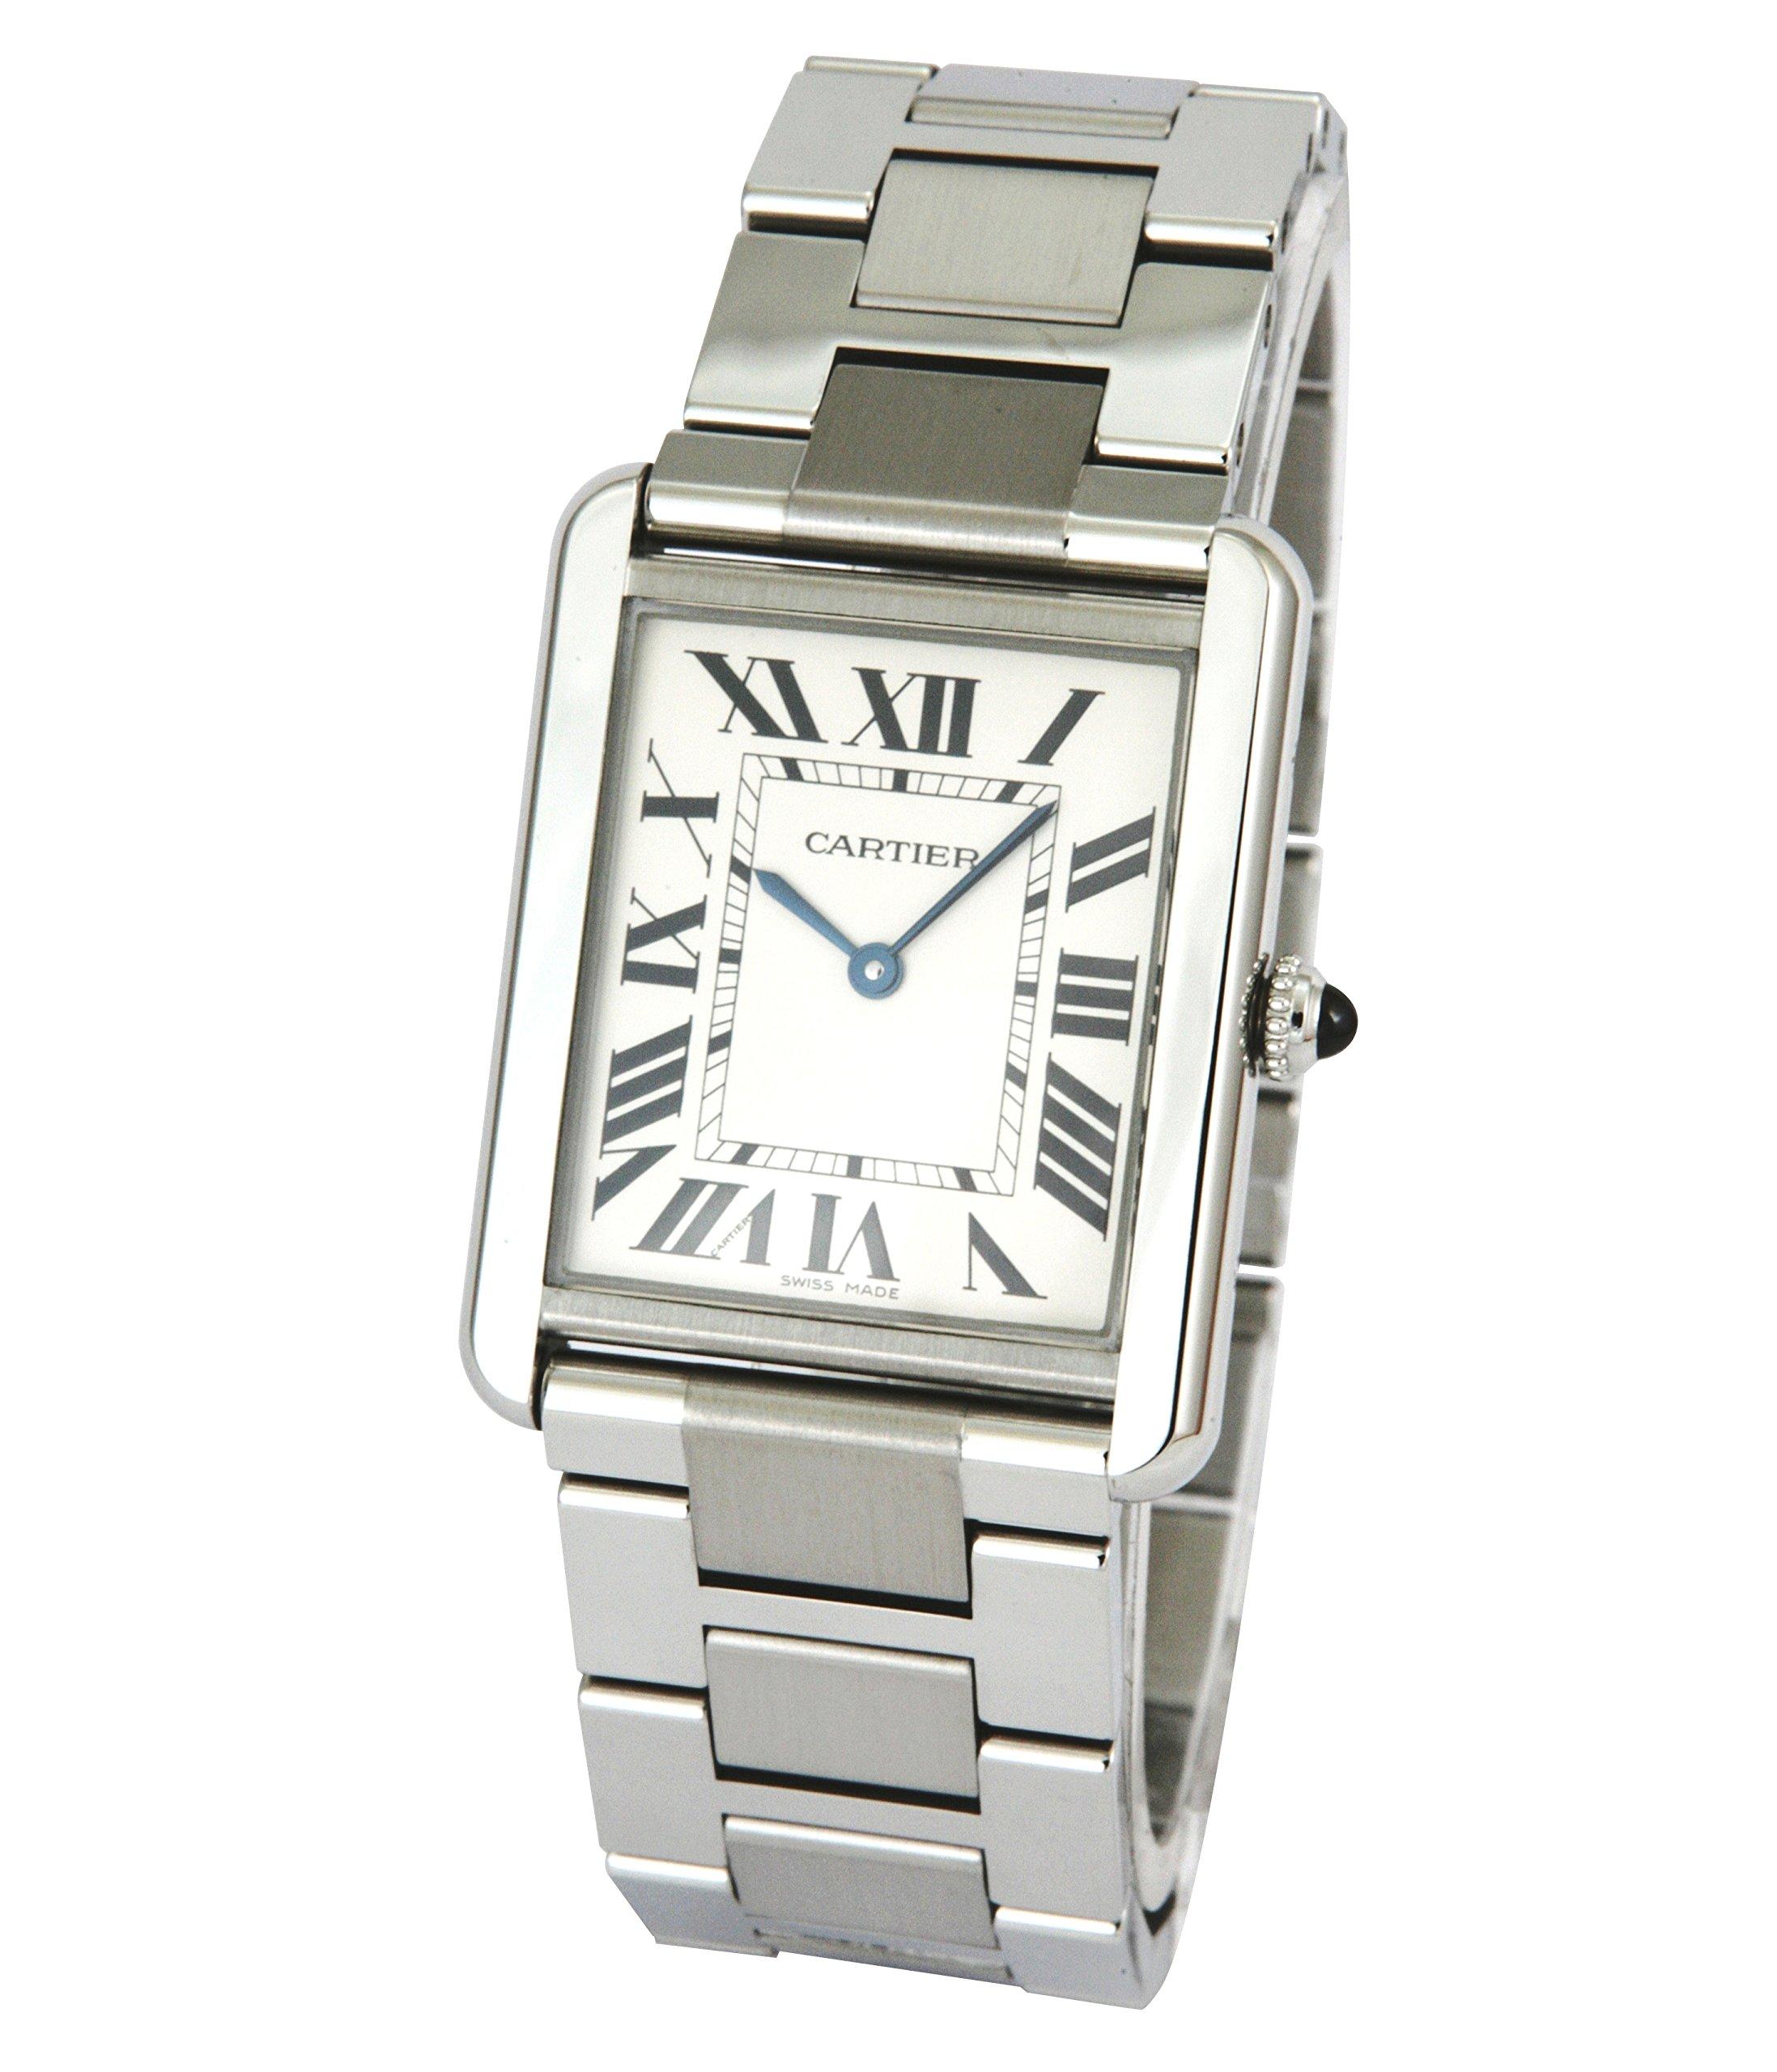 Cartier B00385X9WU B00385X9WU To US $2358, To UK £2288 Cartier Men's Tank Solo Steel Bracelet & Case Sapphire Crystal Quartz Silver-Tone Dial Watch W5200014